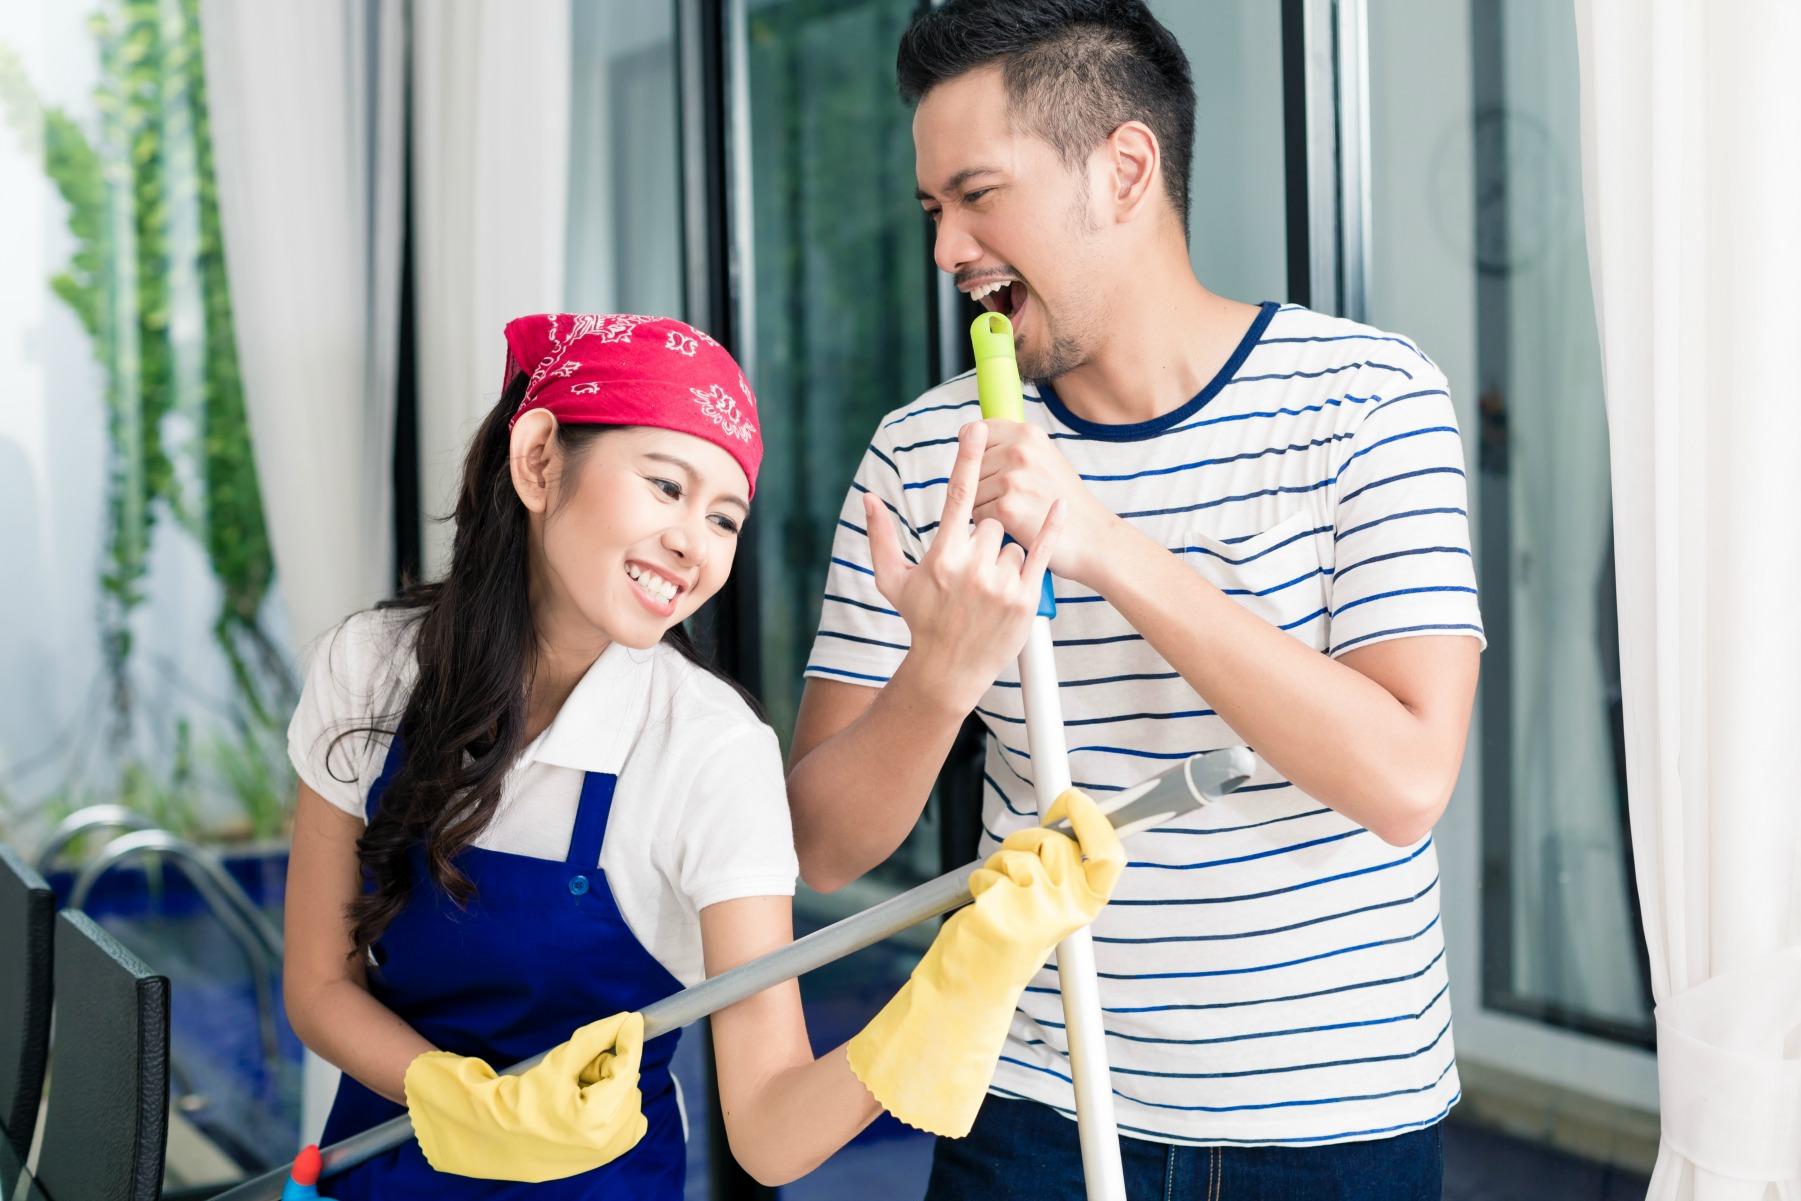 rengørring, par, husholdning, kæreste, flytte sammen, pligter